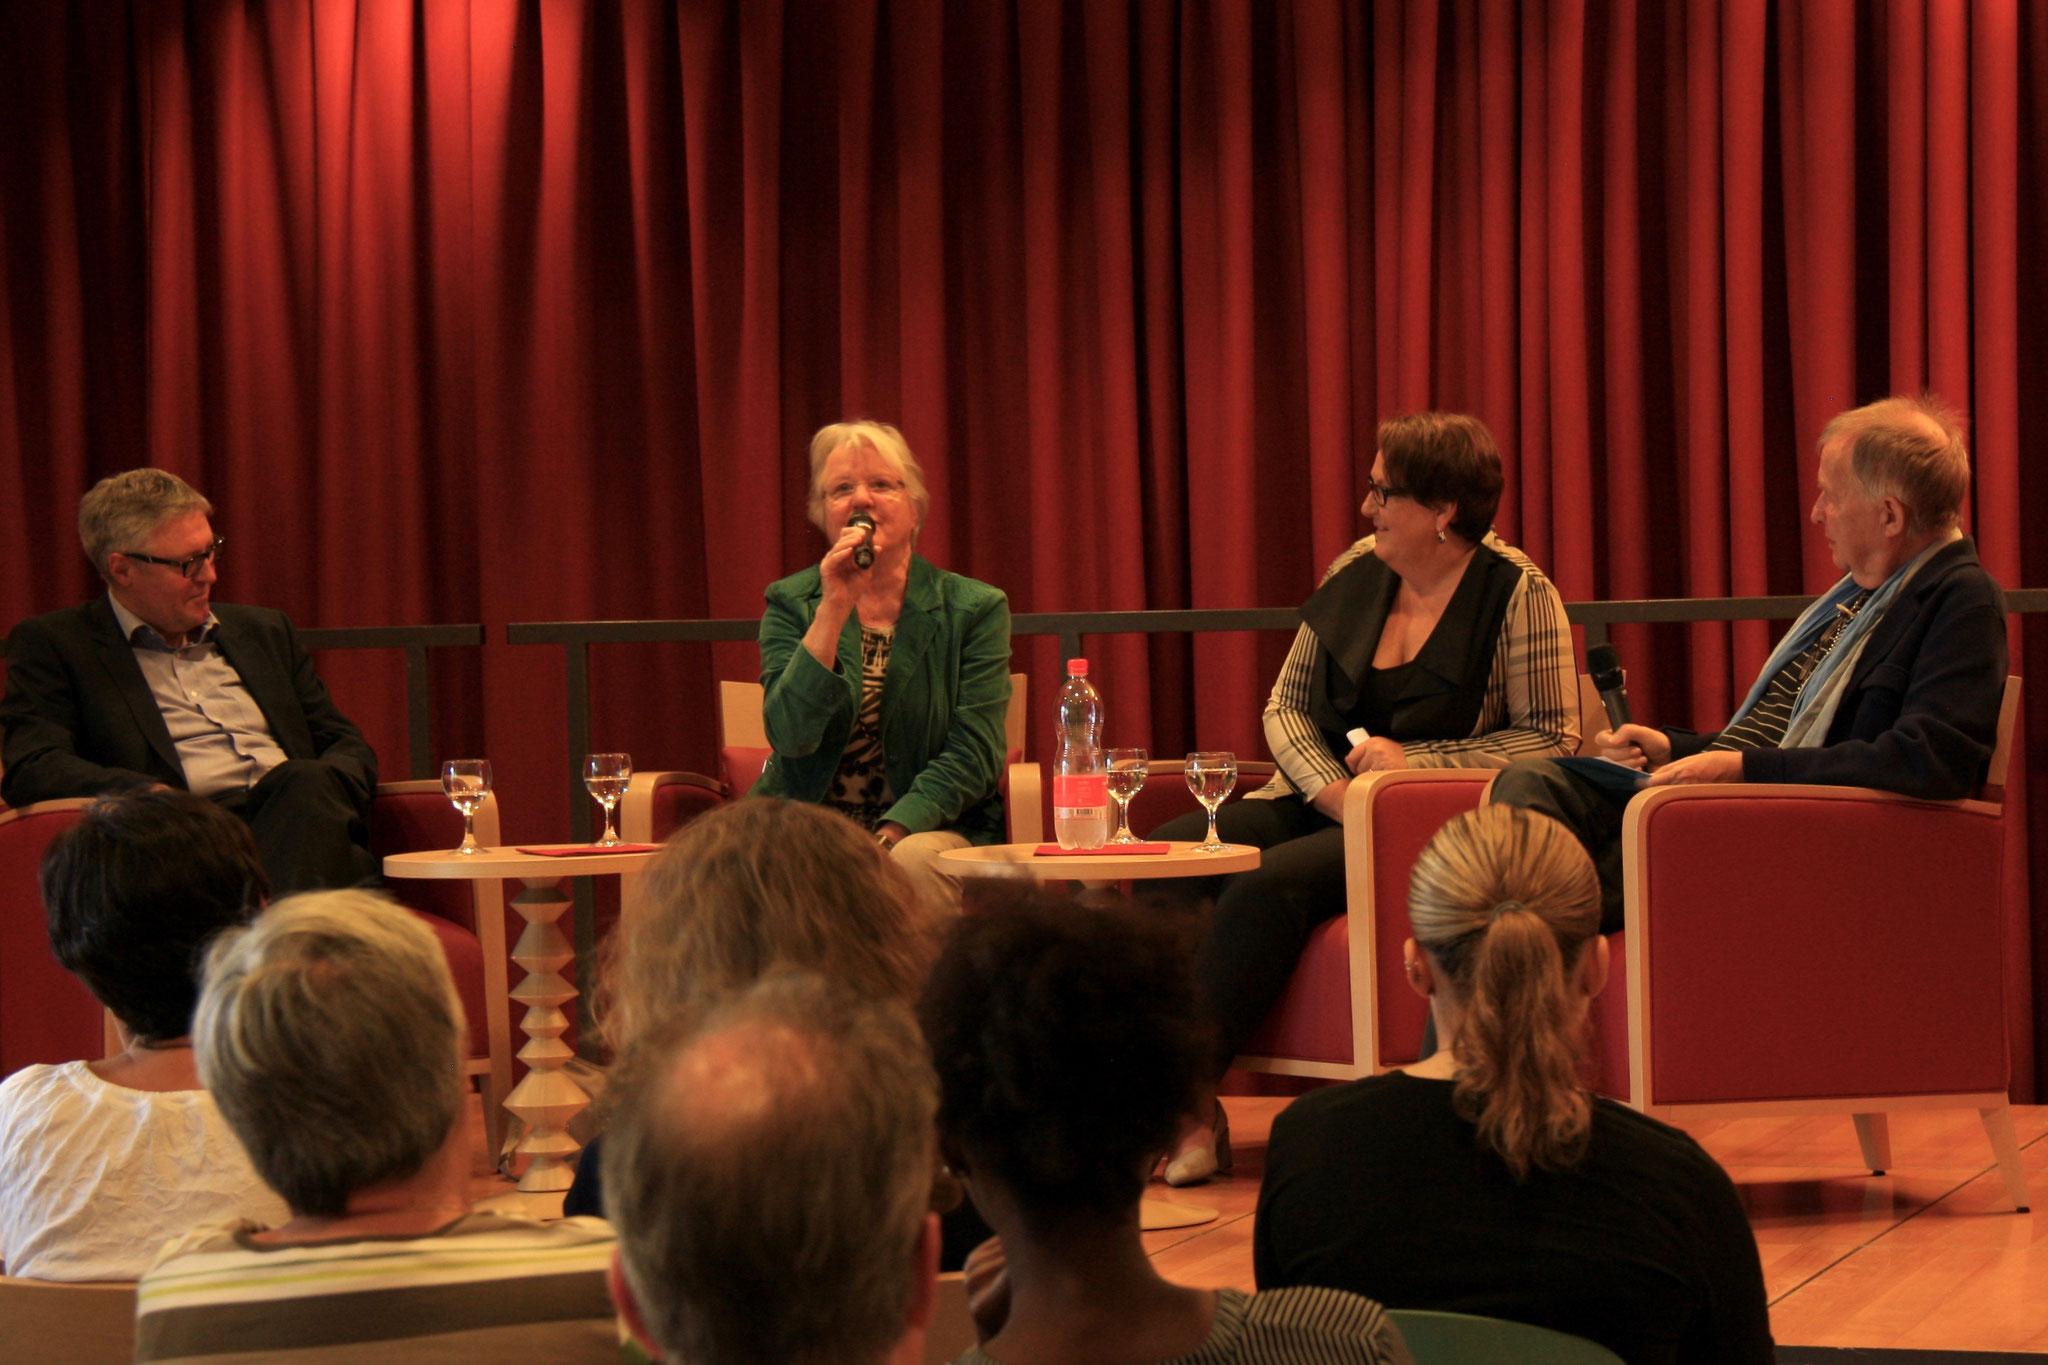 Podium «Alter im Wandel» mit Alt-Nationalrätin Judith Stamm und Prof. Jürg Krummenacher, Moderation Jean Paul Anderhub